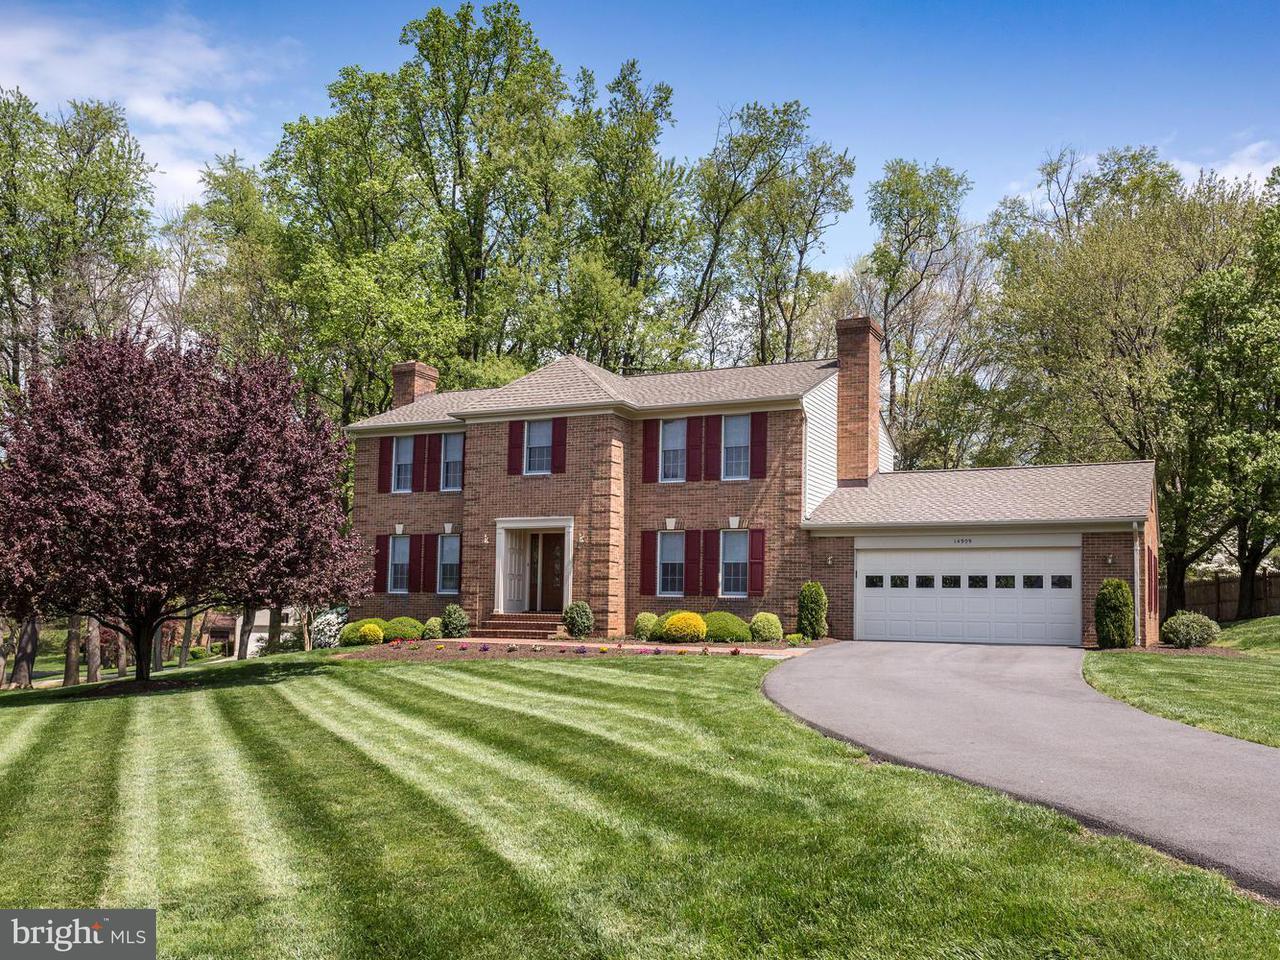 Casa Unifamiliar por un Venta en 14909 PERRYWOOD Drive 14909 PERRYWOOD Drive Burtonsville, Maryland 20866 Estados Unidos